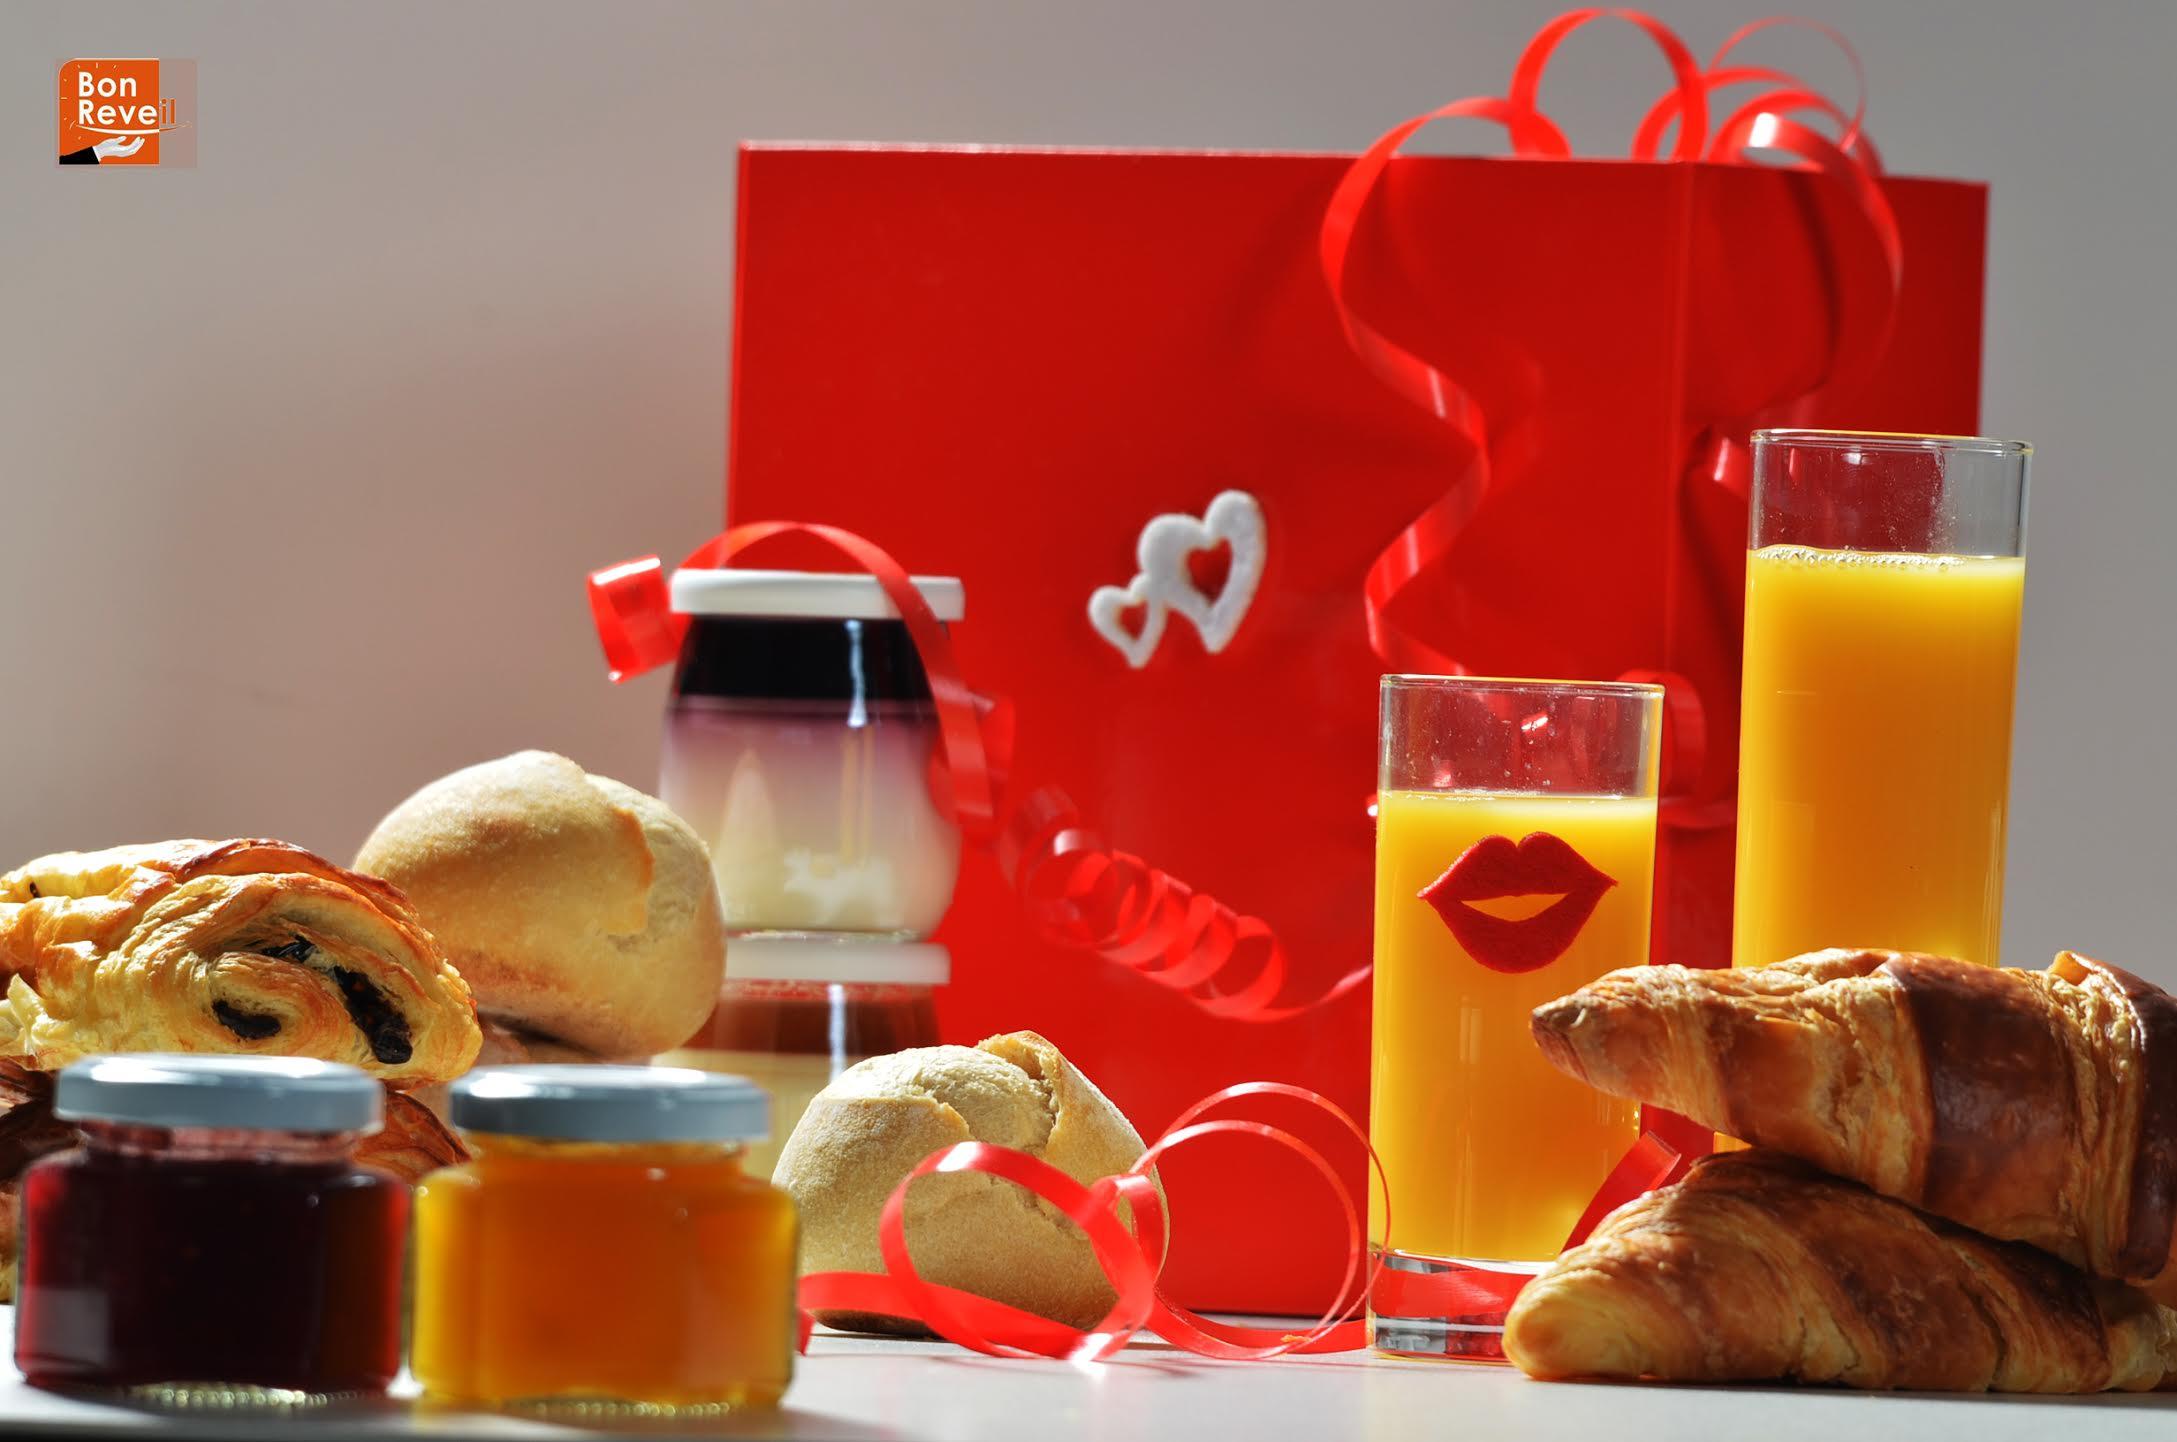 bon r veil vous offre une id e cadeau sp ciale saint valentin lyon femmes. Black Bedroom Furniture Sets. Home Design Ideas